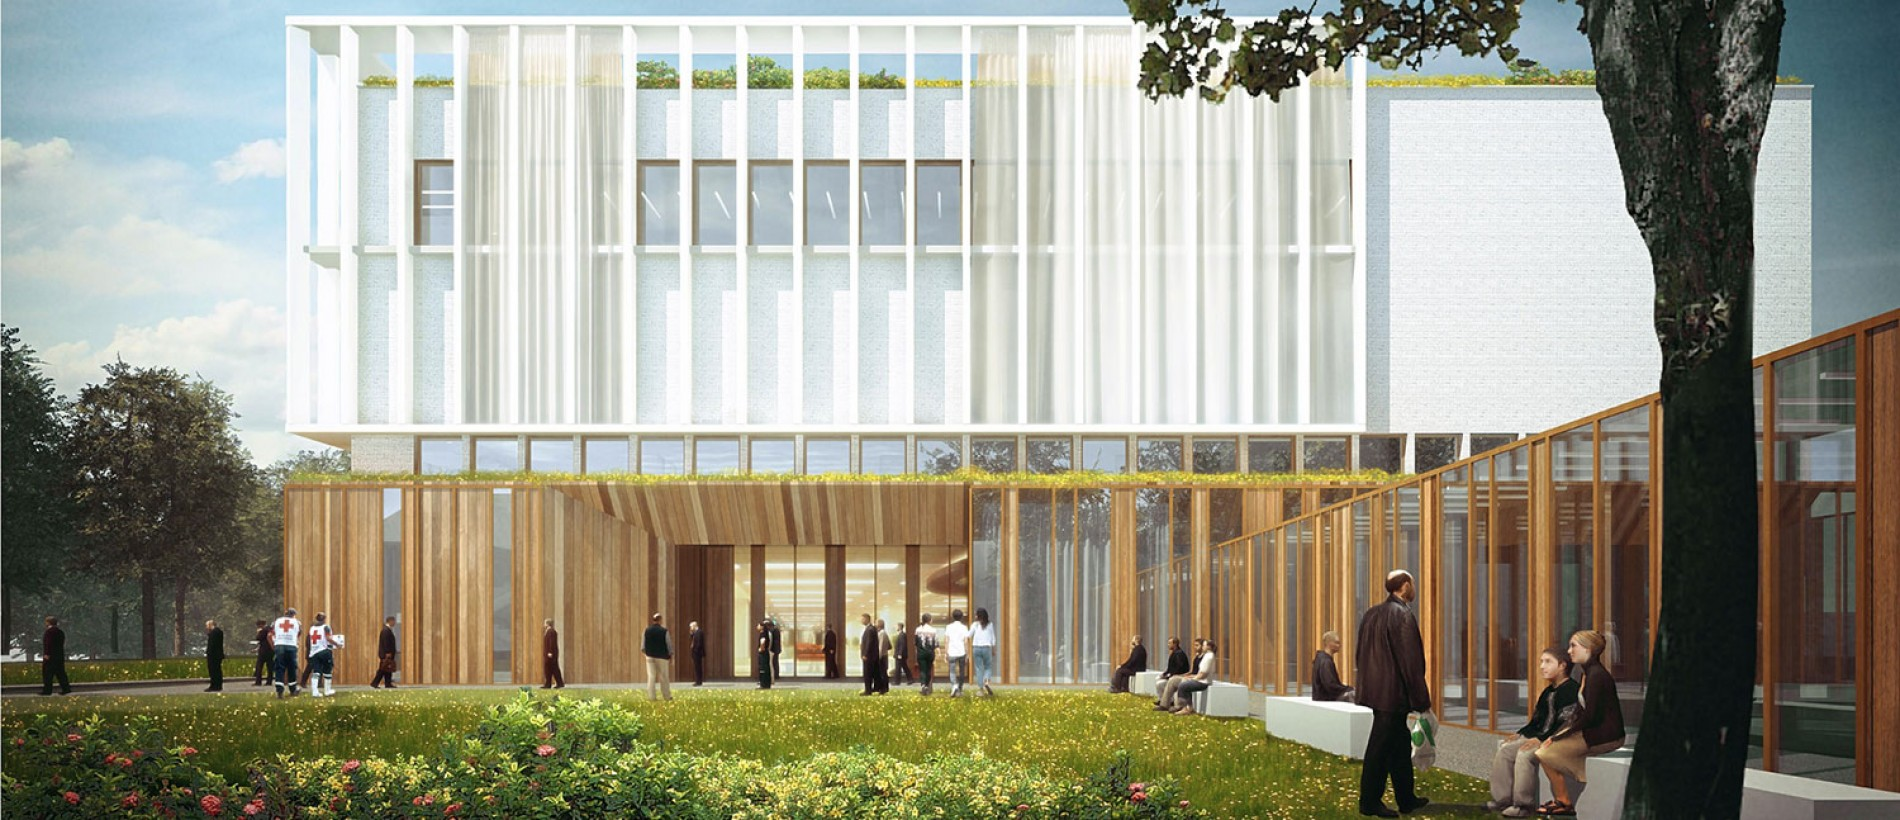 Koncepcję szpitala przygotowali architekci z warszawskiej pracowni Archimed (fot. czsk.edu.pl)